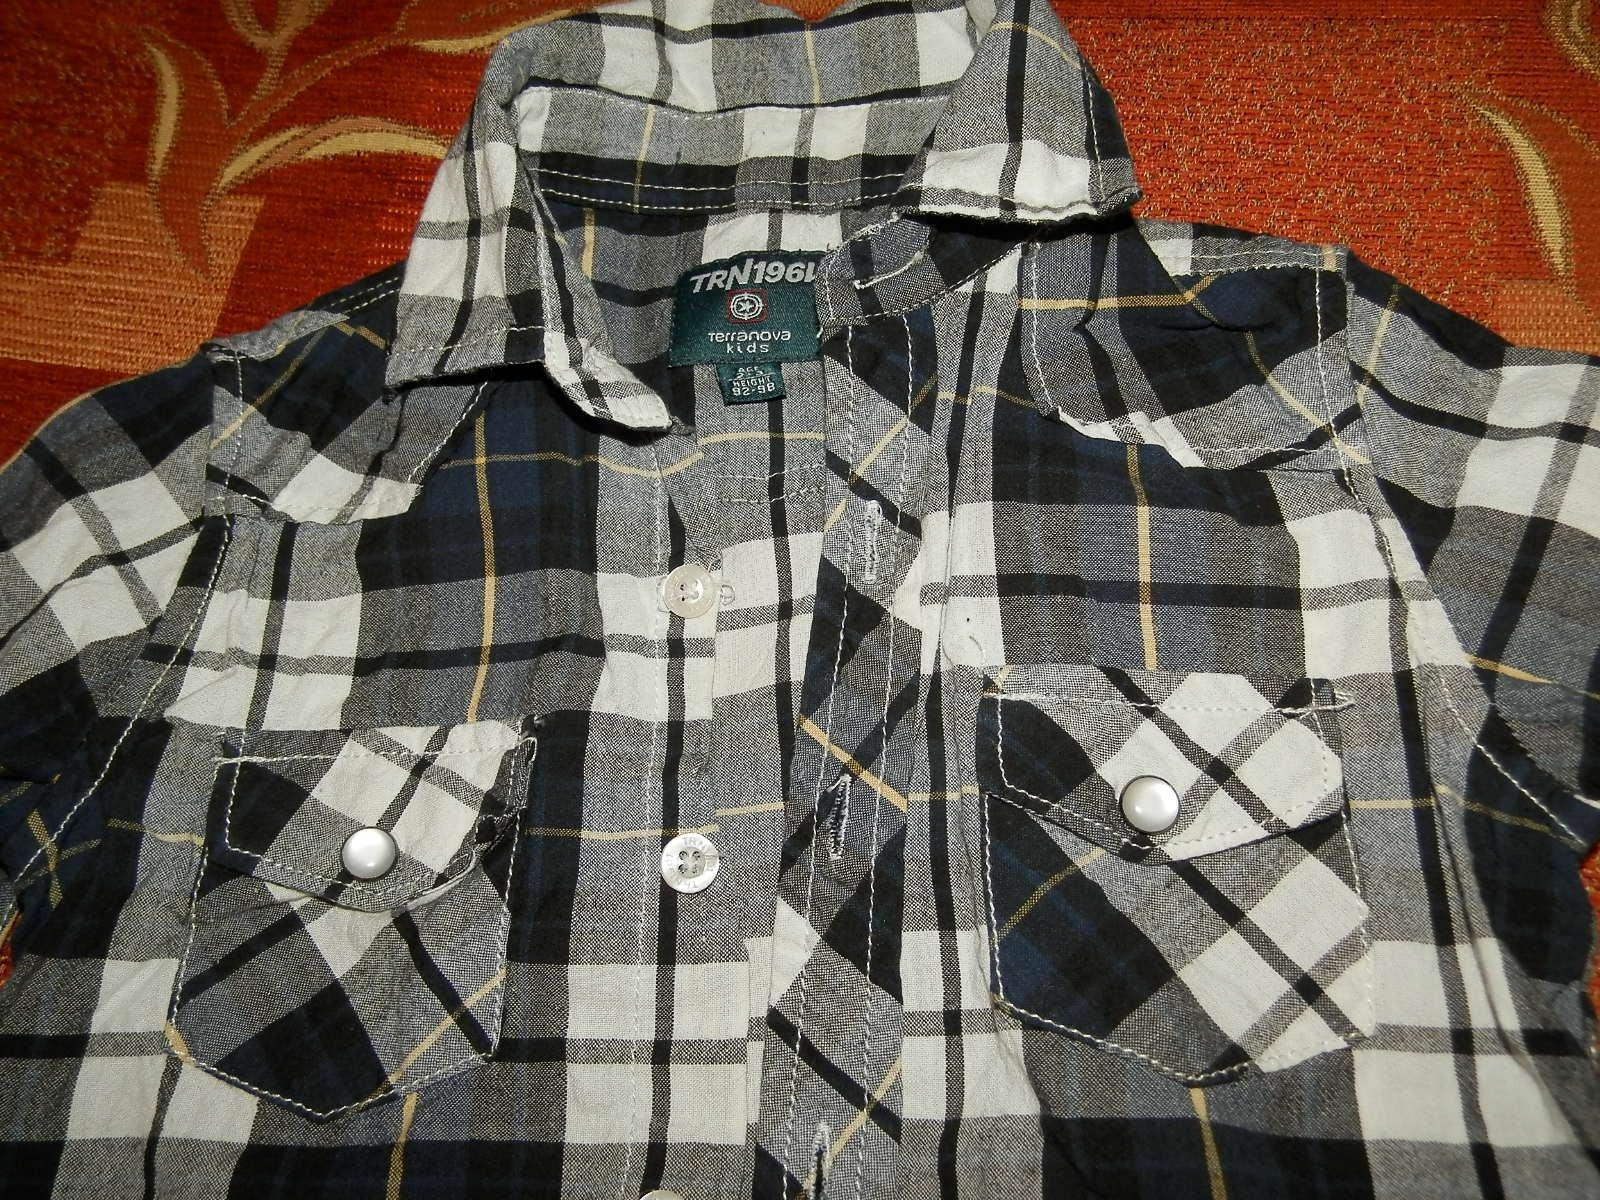 Terranova košeľa 2-3r. - Obrázok č. 4